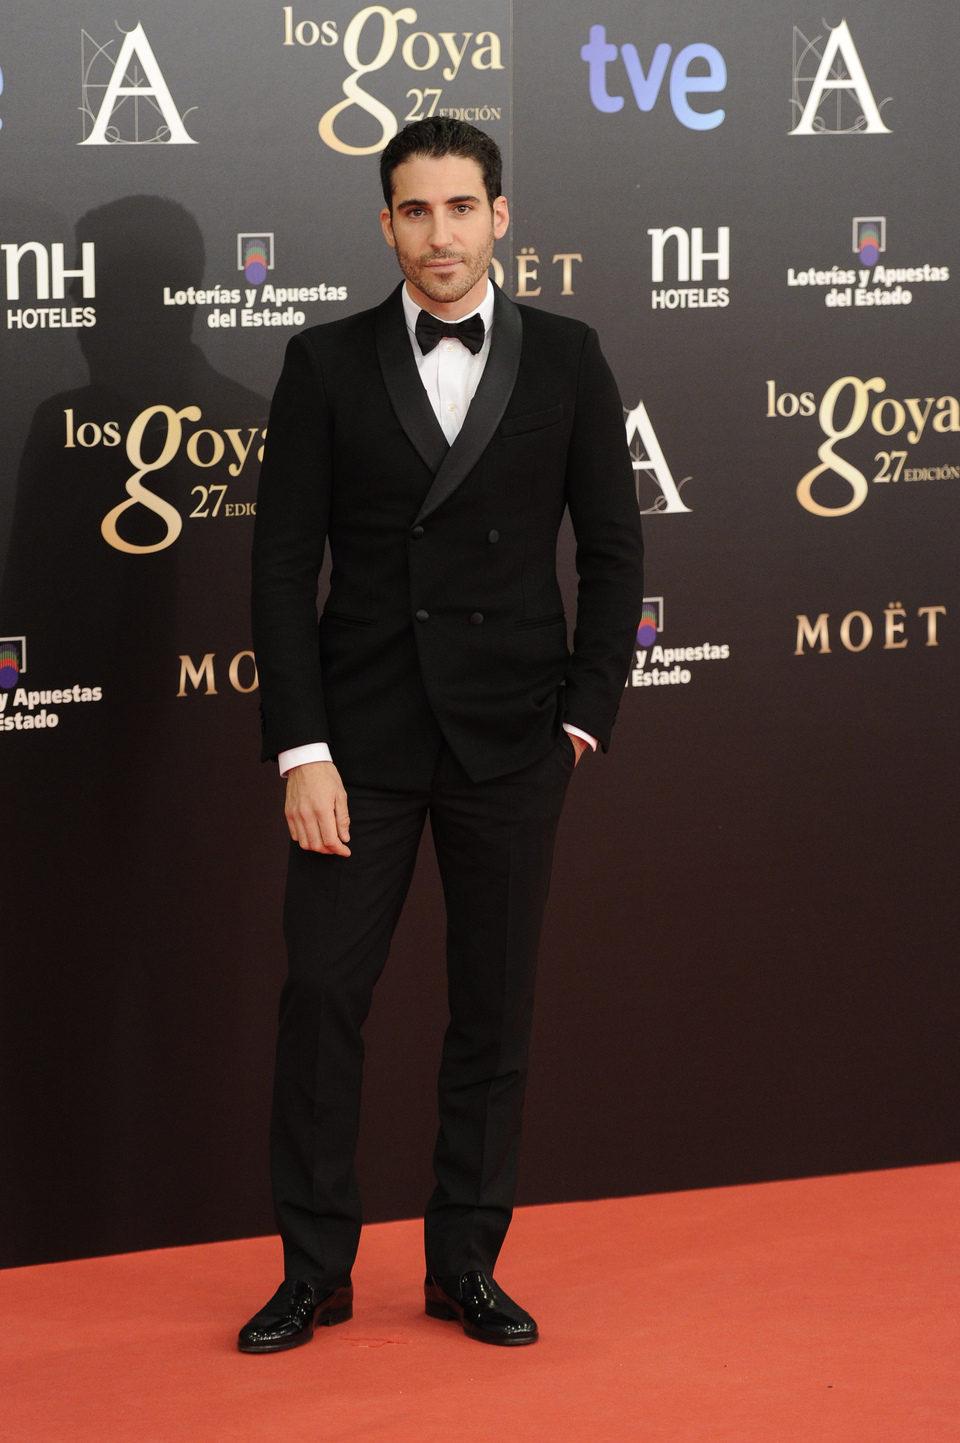 Miguel Ángel Silvestre en los Premios Goya 2013